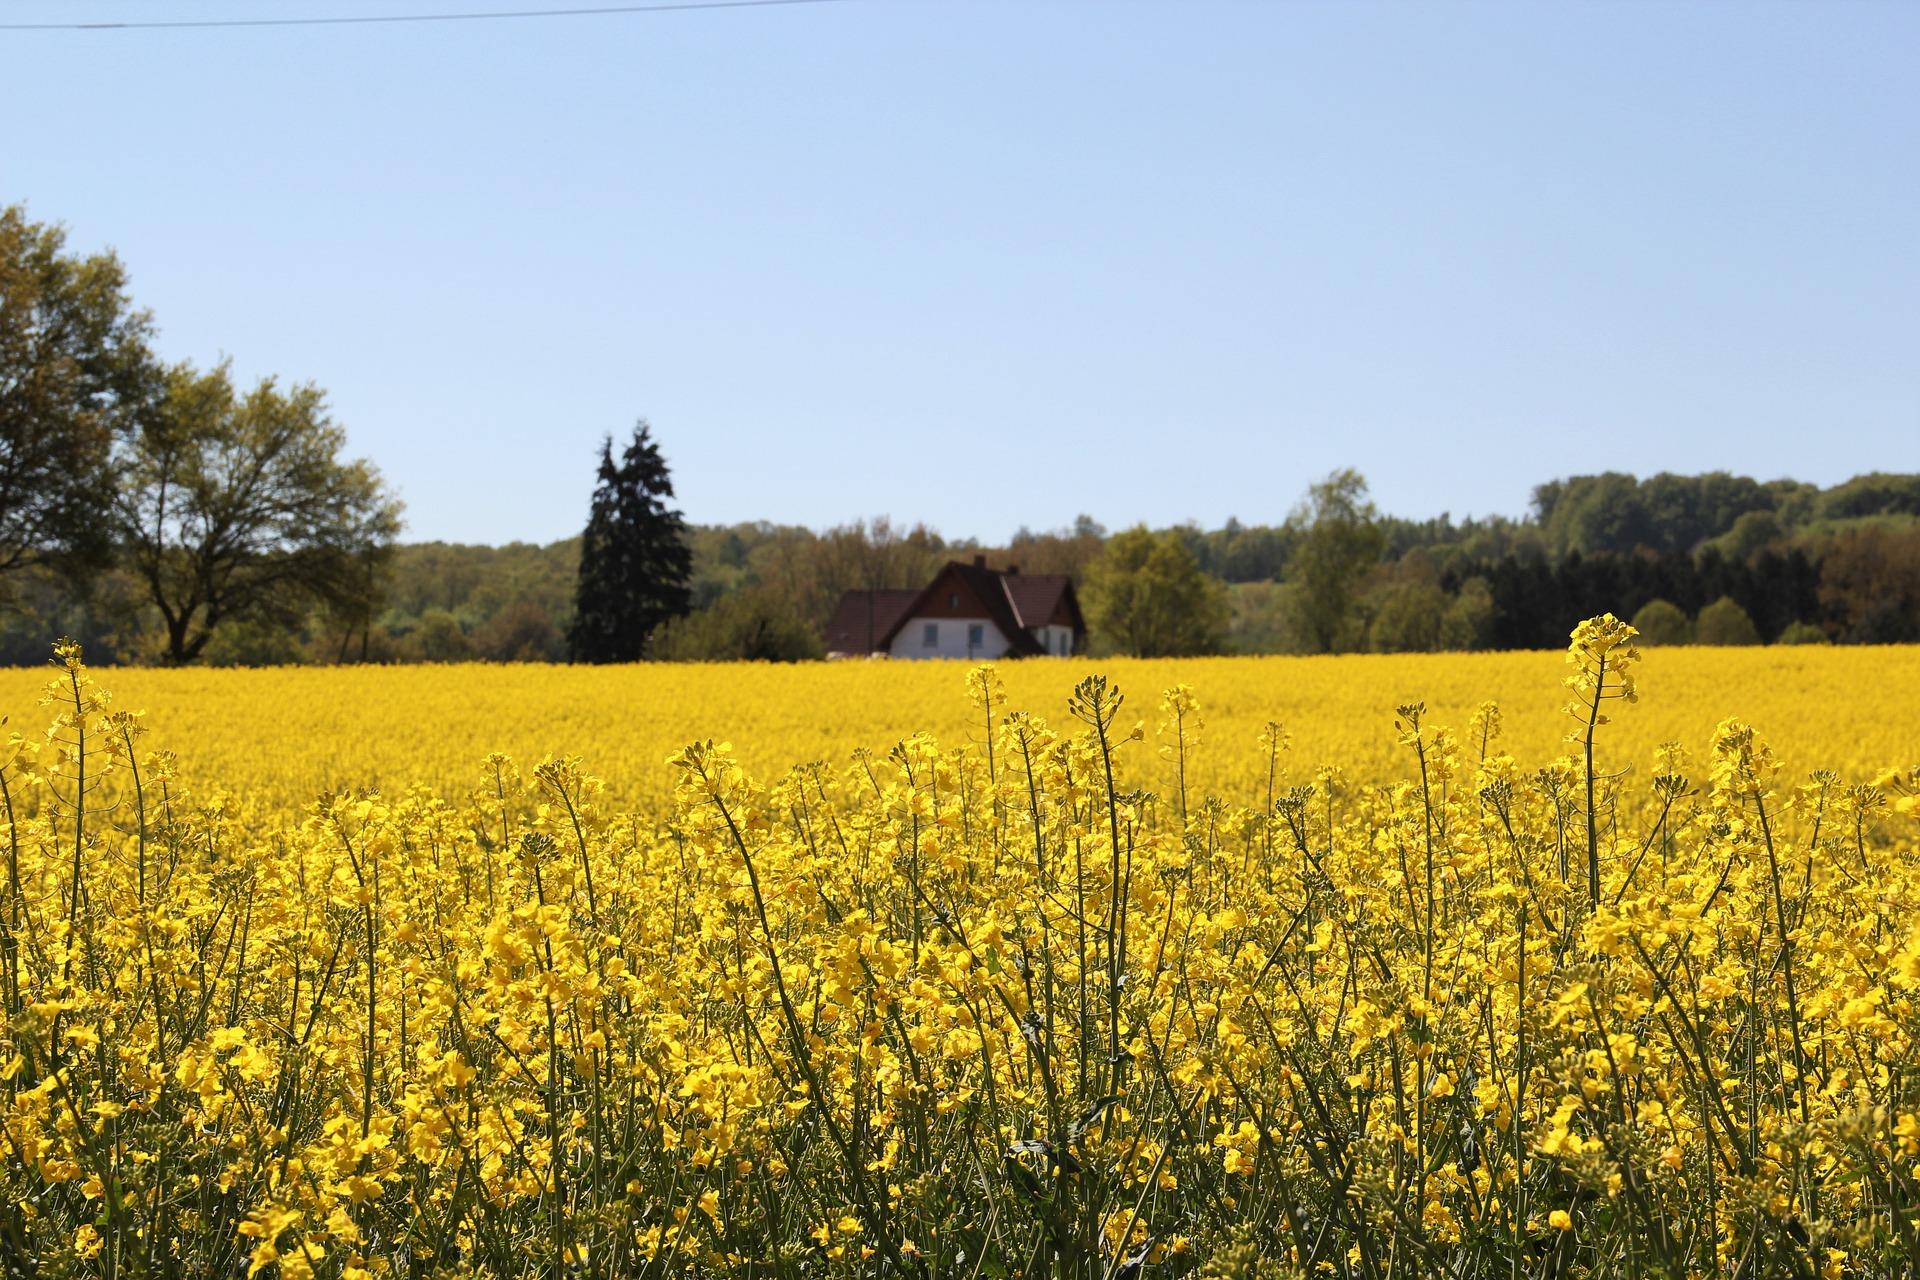 field-of-rapeseeds-1382773_1920.jpg